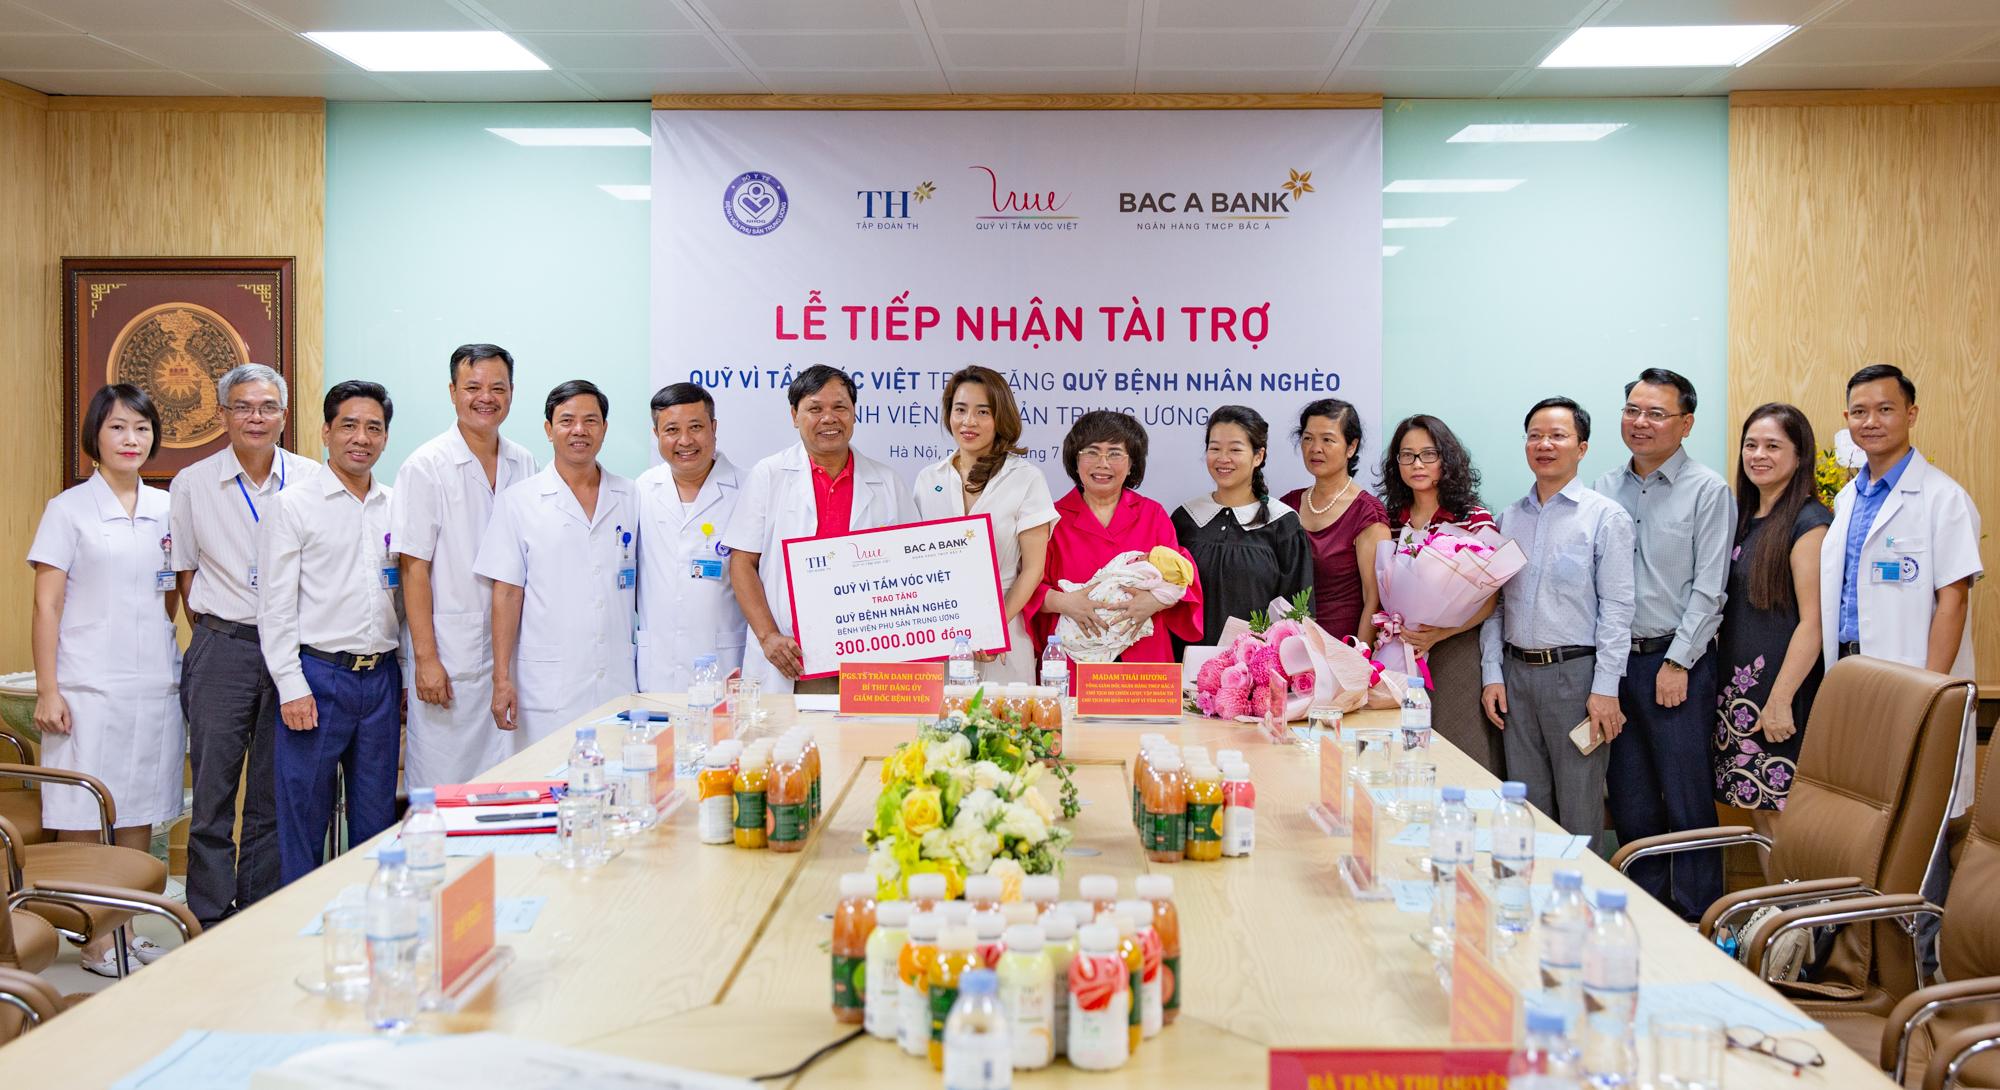 Quỹ Vì Tầm Vóc Việt tài trợ 300 triệu đồng cho Quỹ bệnh nhân nghèo, Bệnh viện Phụ sản Trung ương